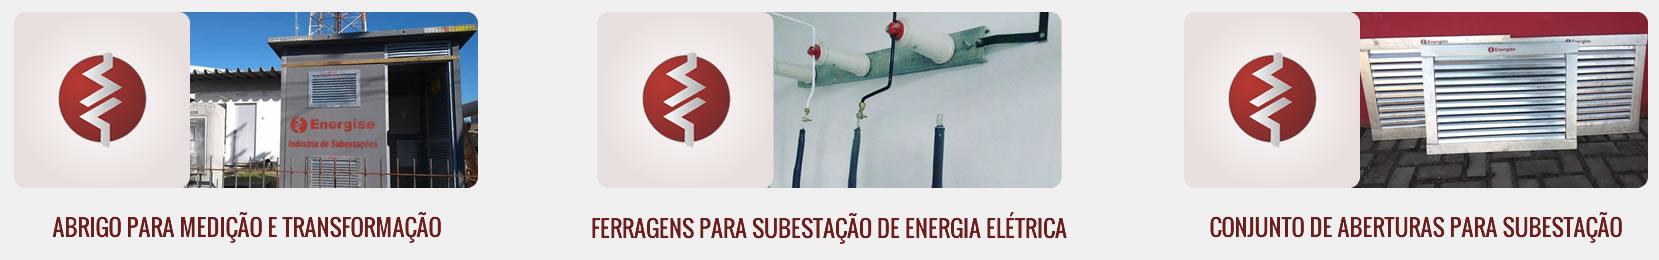 Produtos Energise Elétrica Industrial